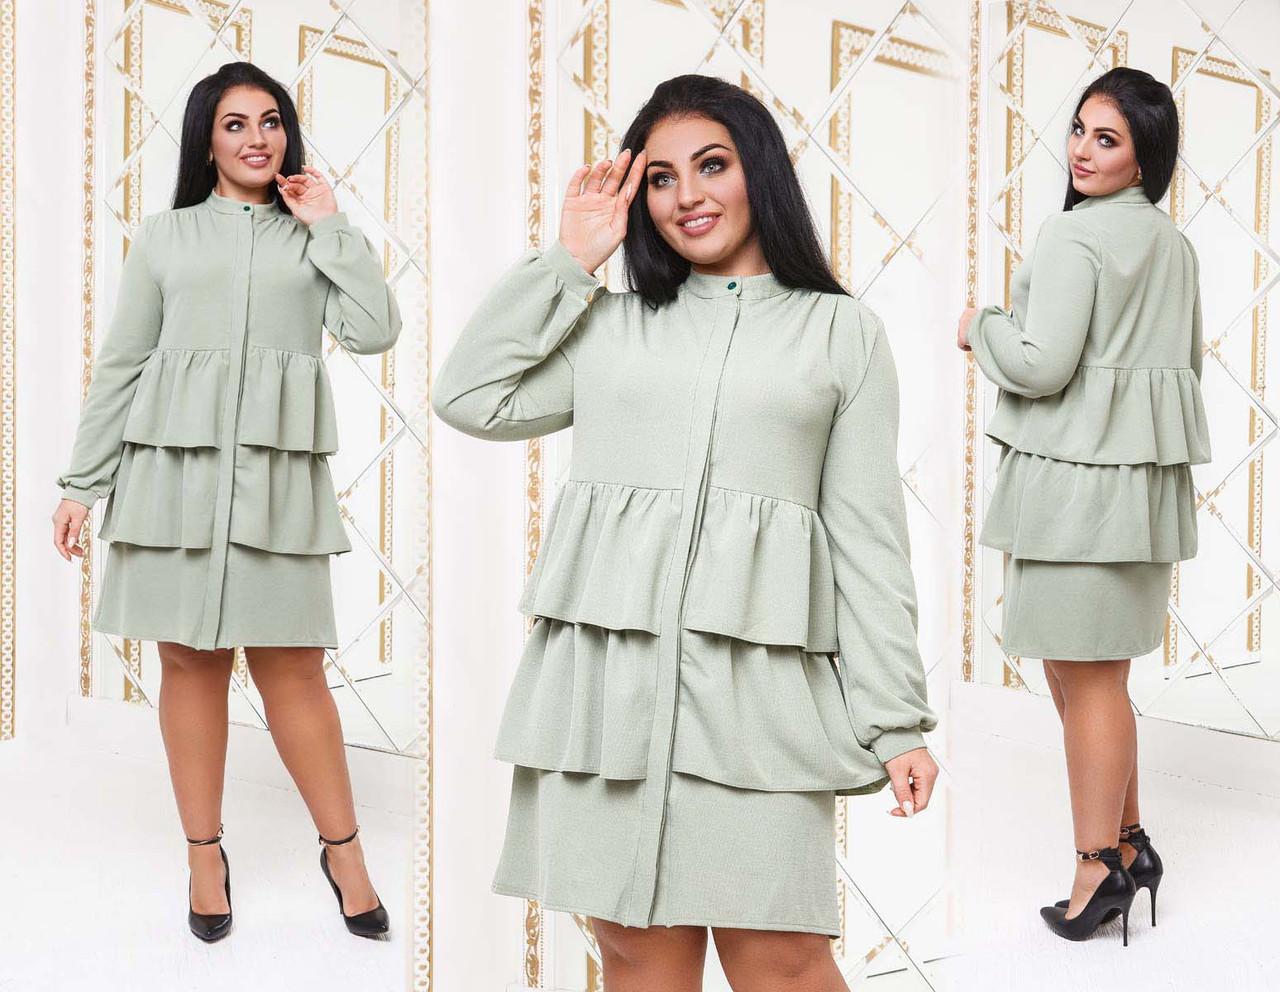 """Ошатне жіноче плаття до великих розмірів """"Лакост Волани"""" в кольорах (DG-с506)"""